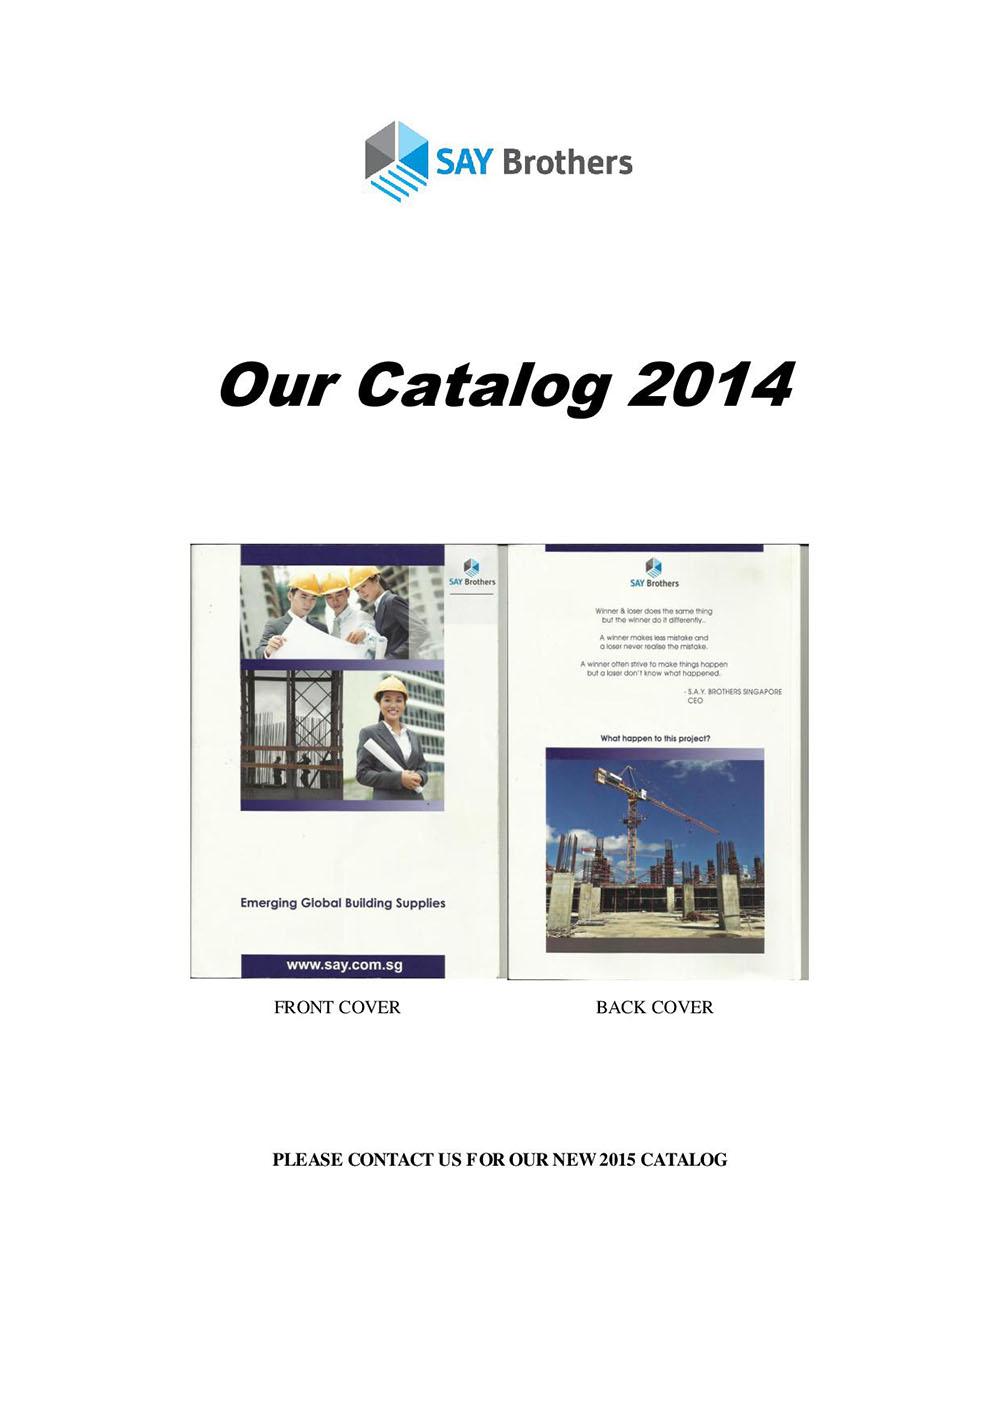 Catalogs 2014 pic edited